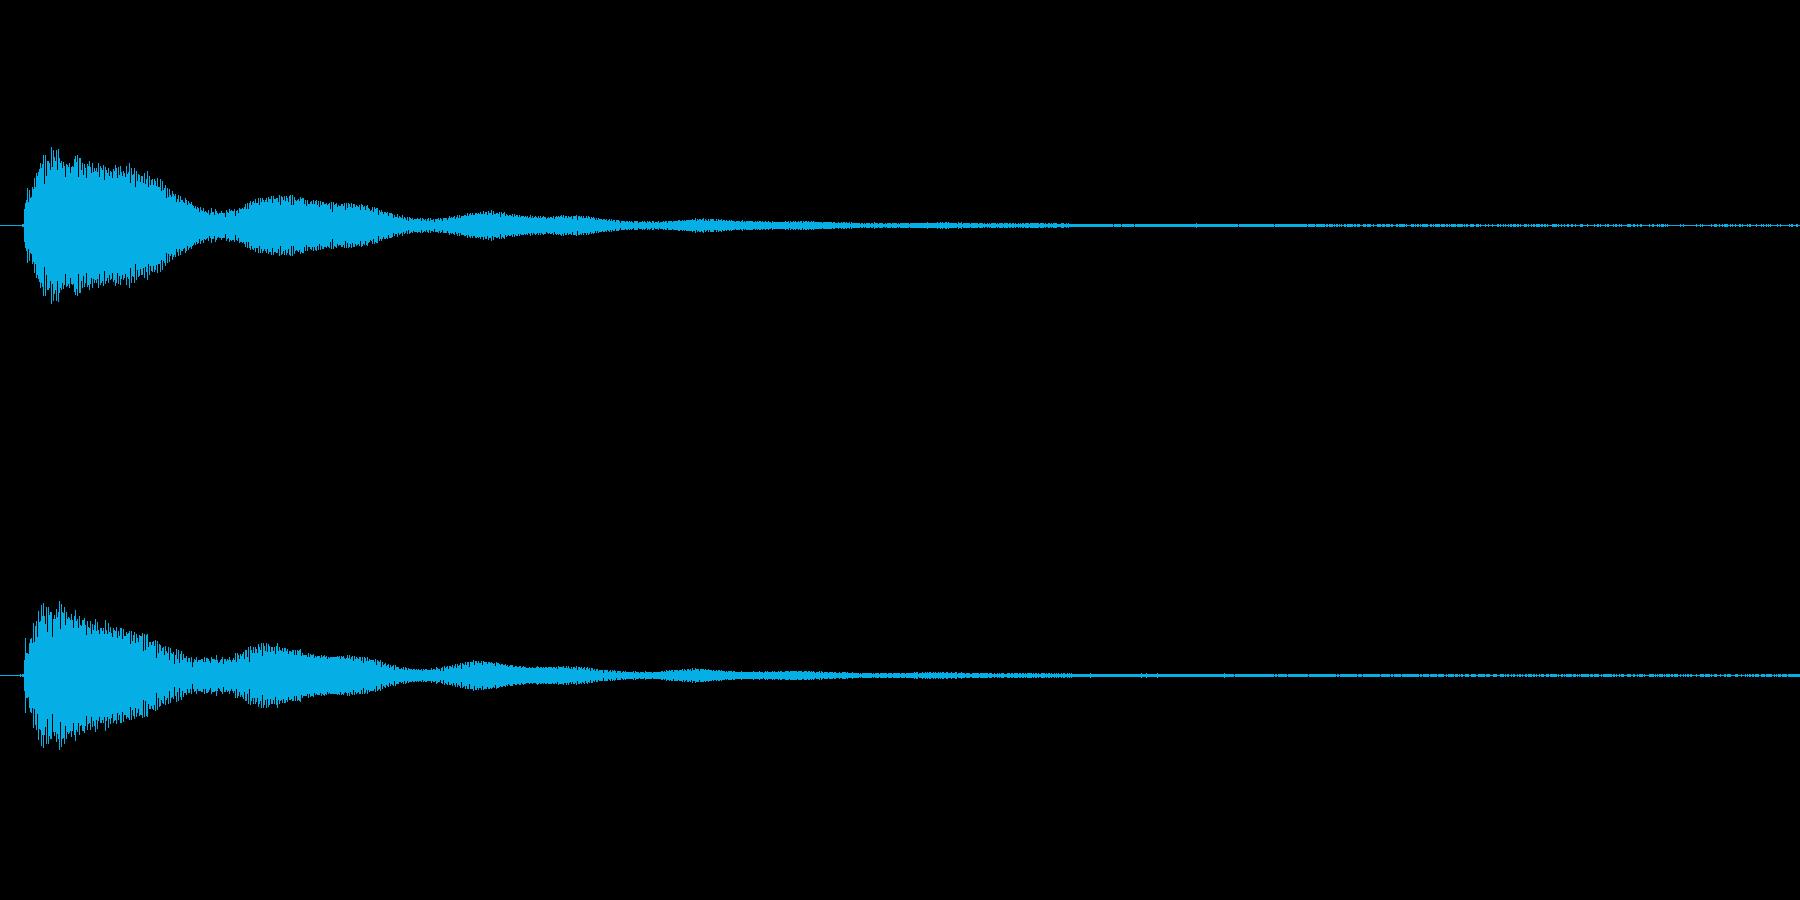 鐘の音 (大1発)の再生済みの波形